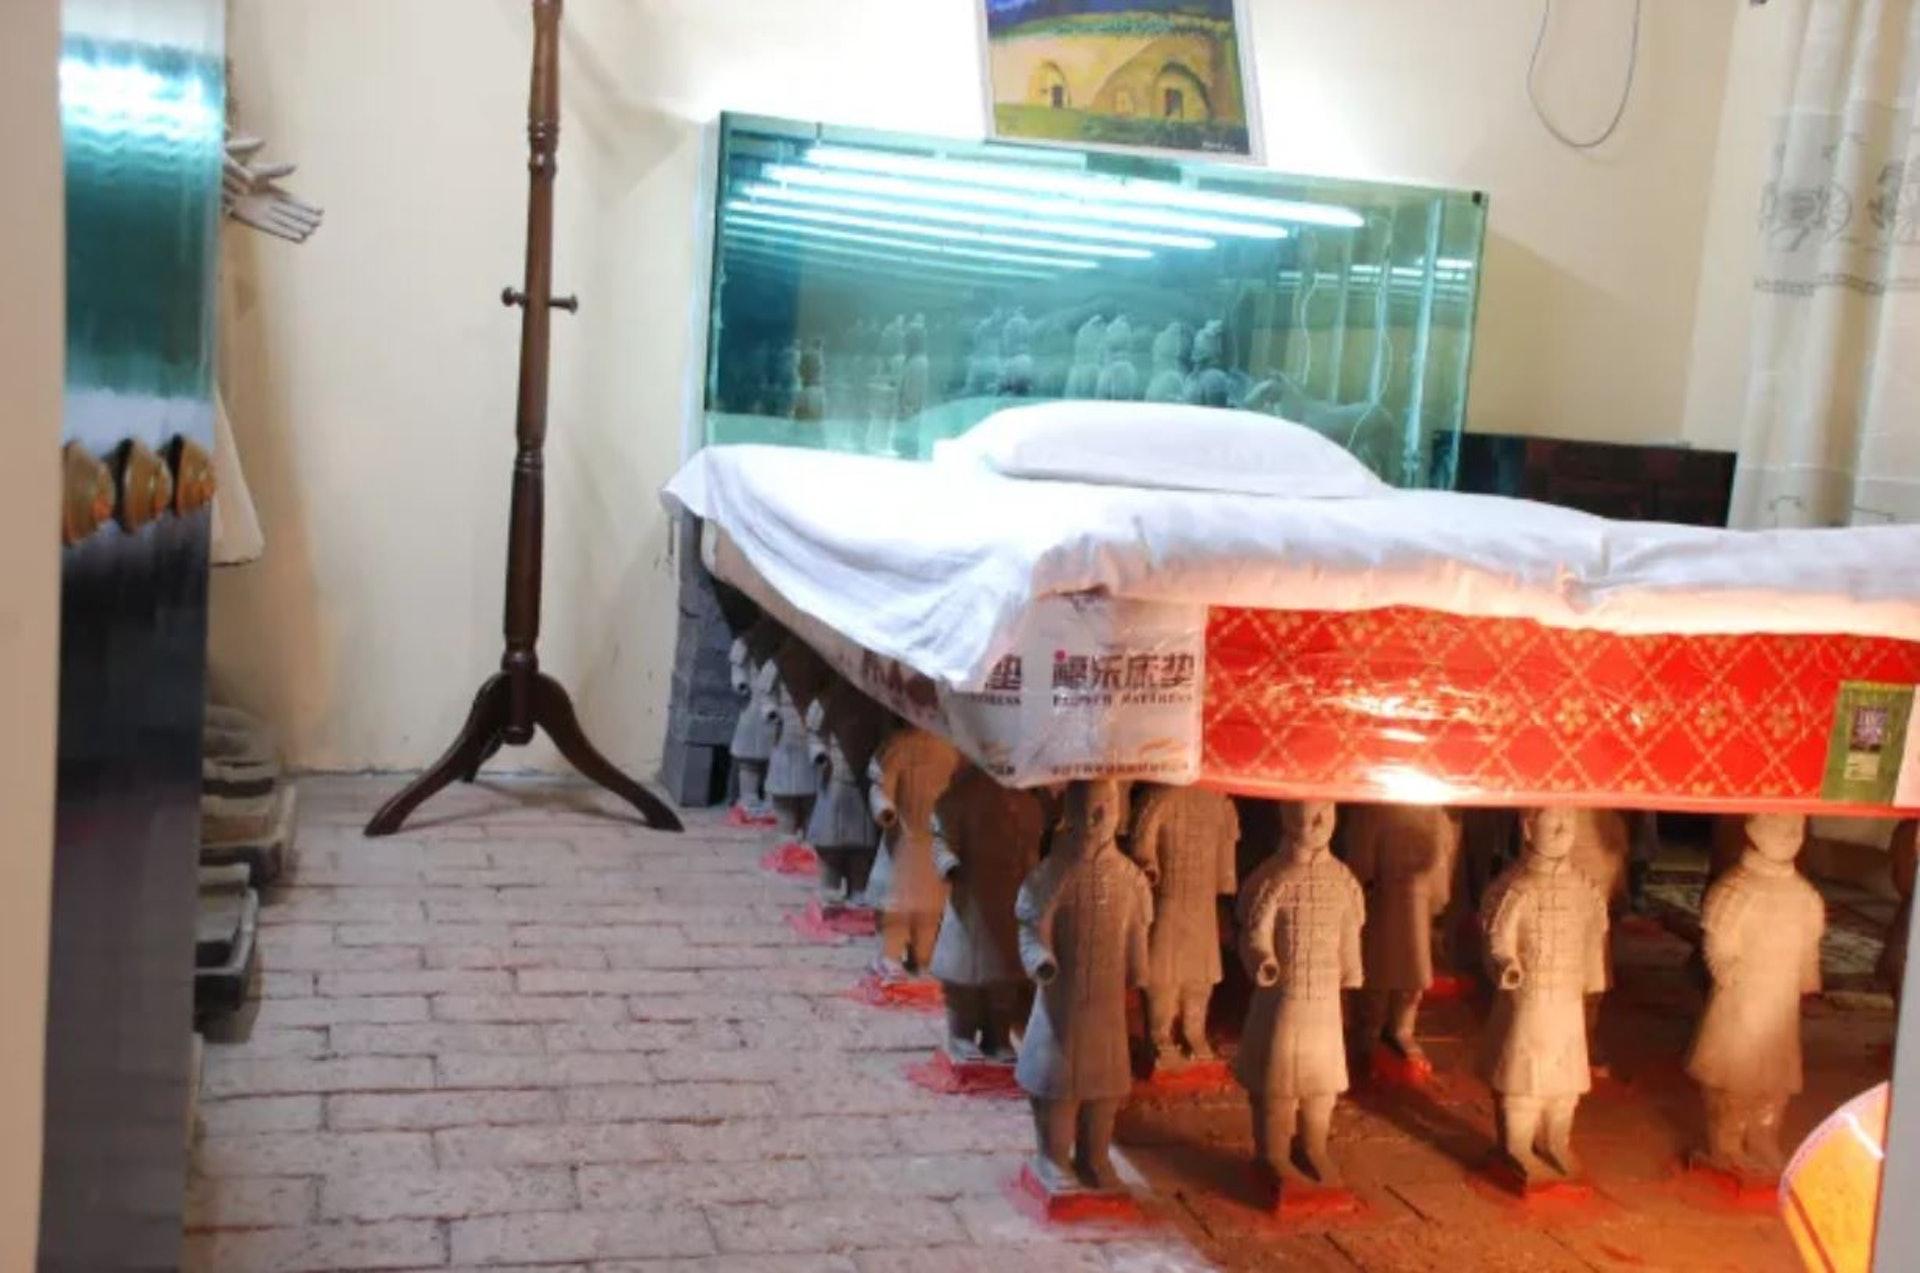 連床下底都整齊地排列兵馬俑。(網上圖片)